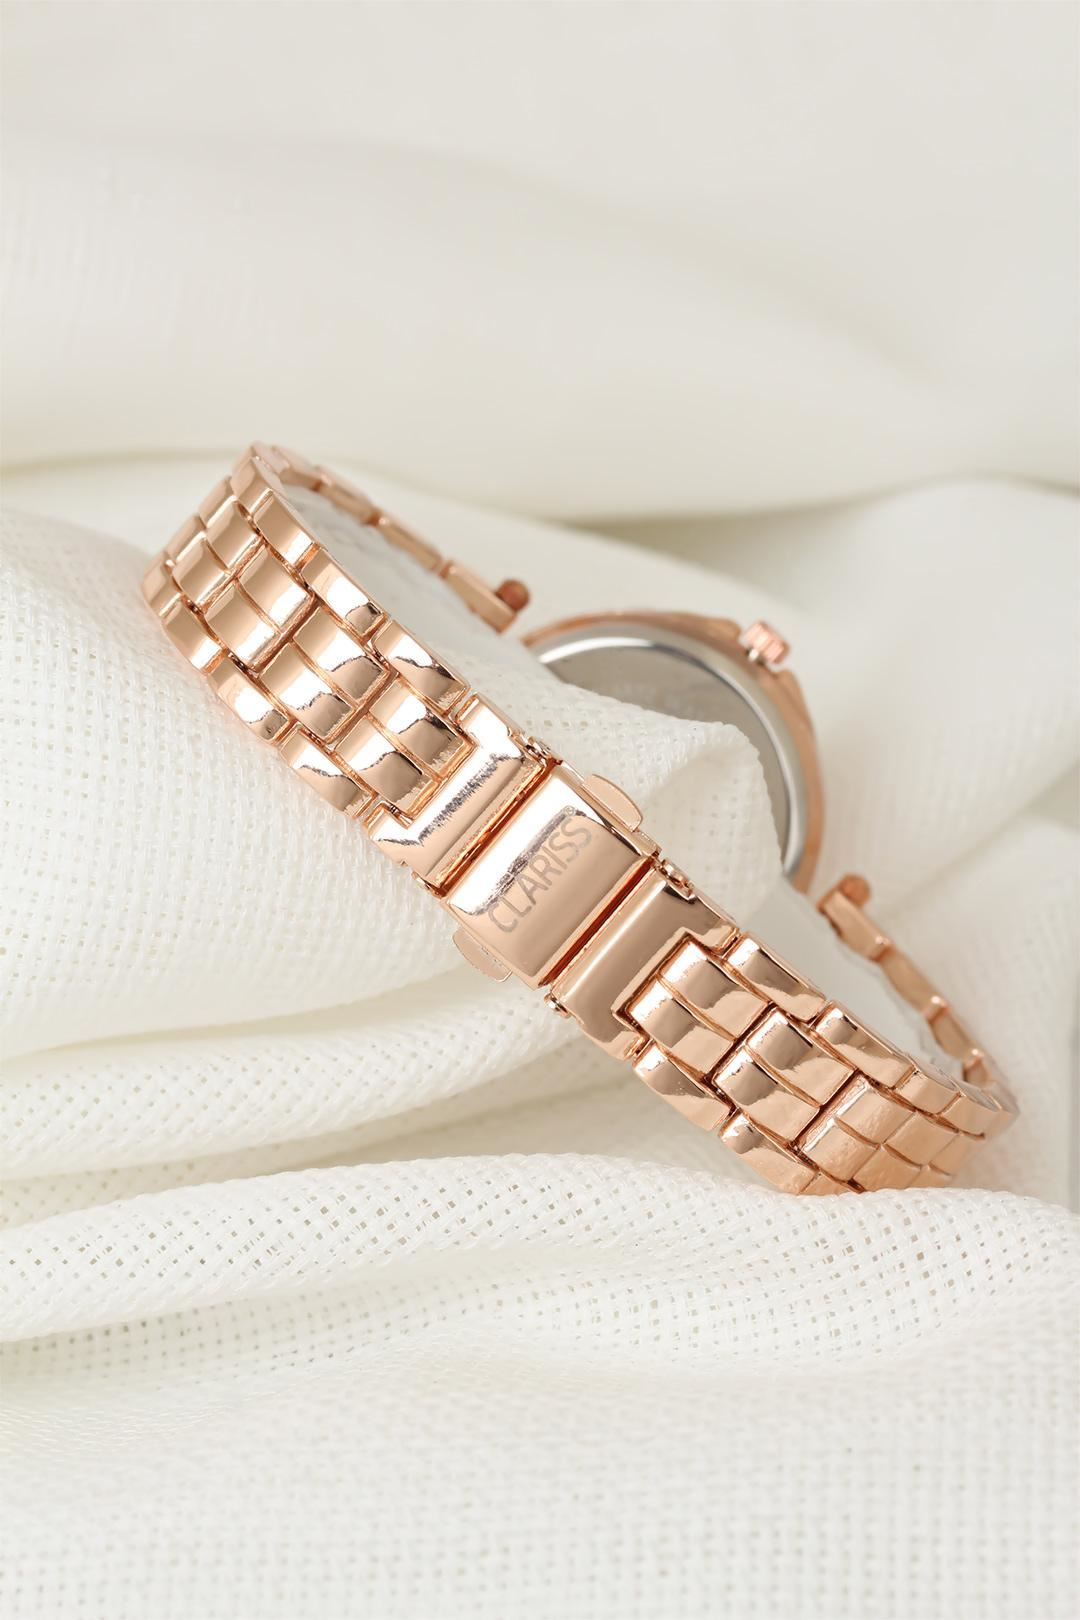 Rose Renk Metal Kordonlu Zirkon Taşlı İç Tasarımlı Clariss Marka Bayan Kol Saati